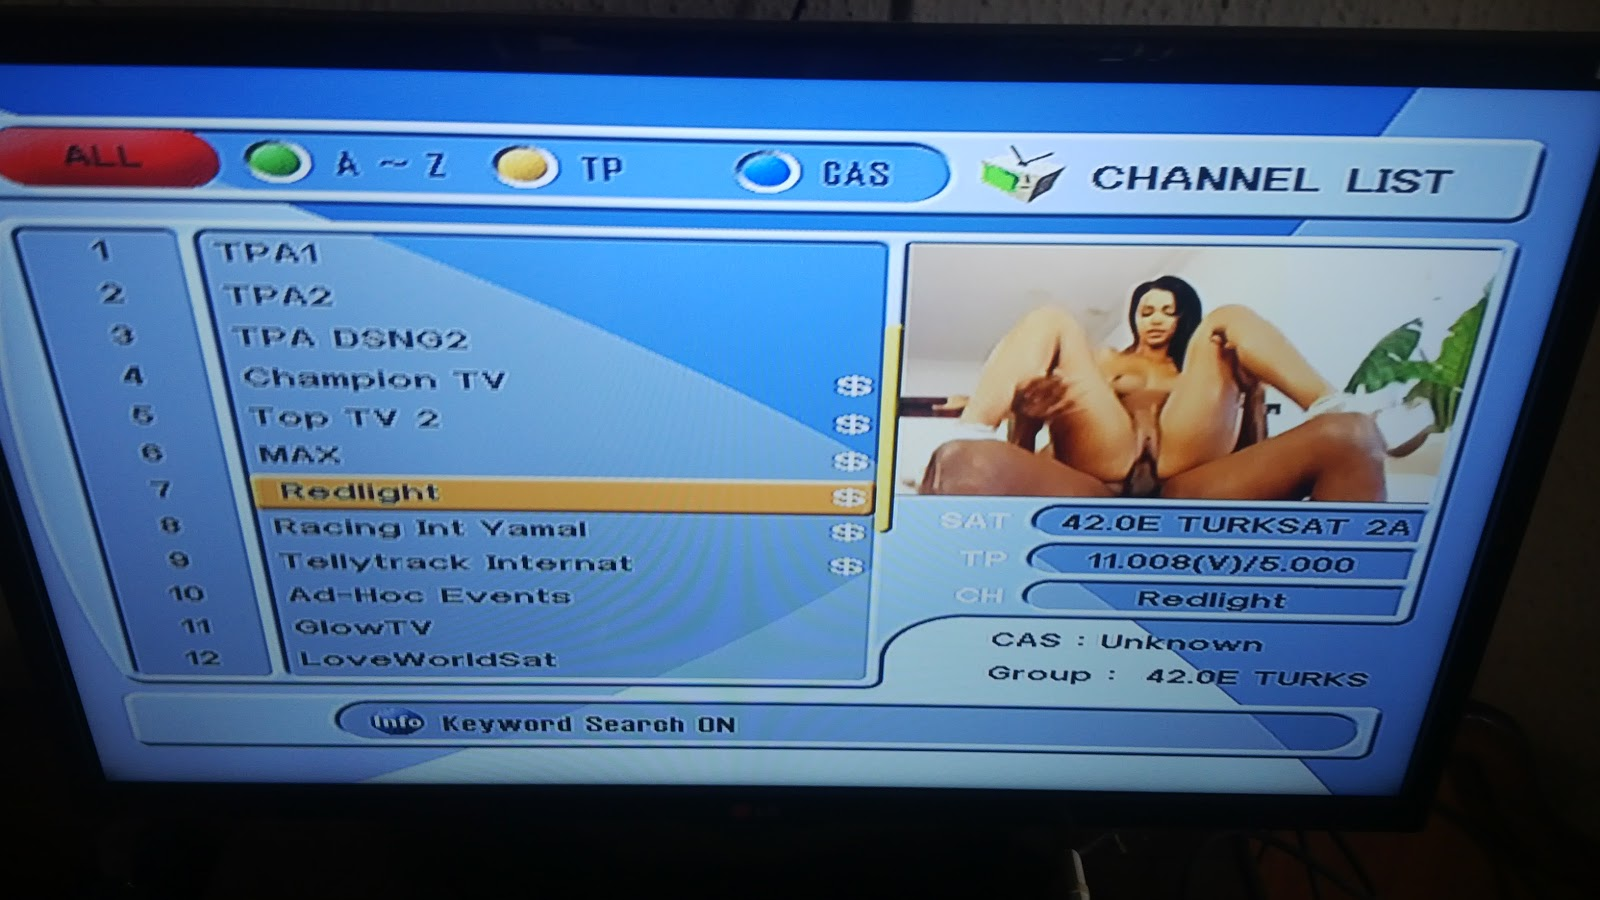 это порно сайт казахстанские согласен тем, что написано